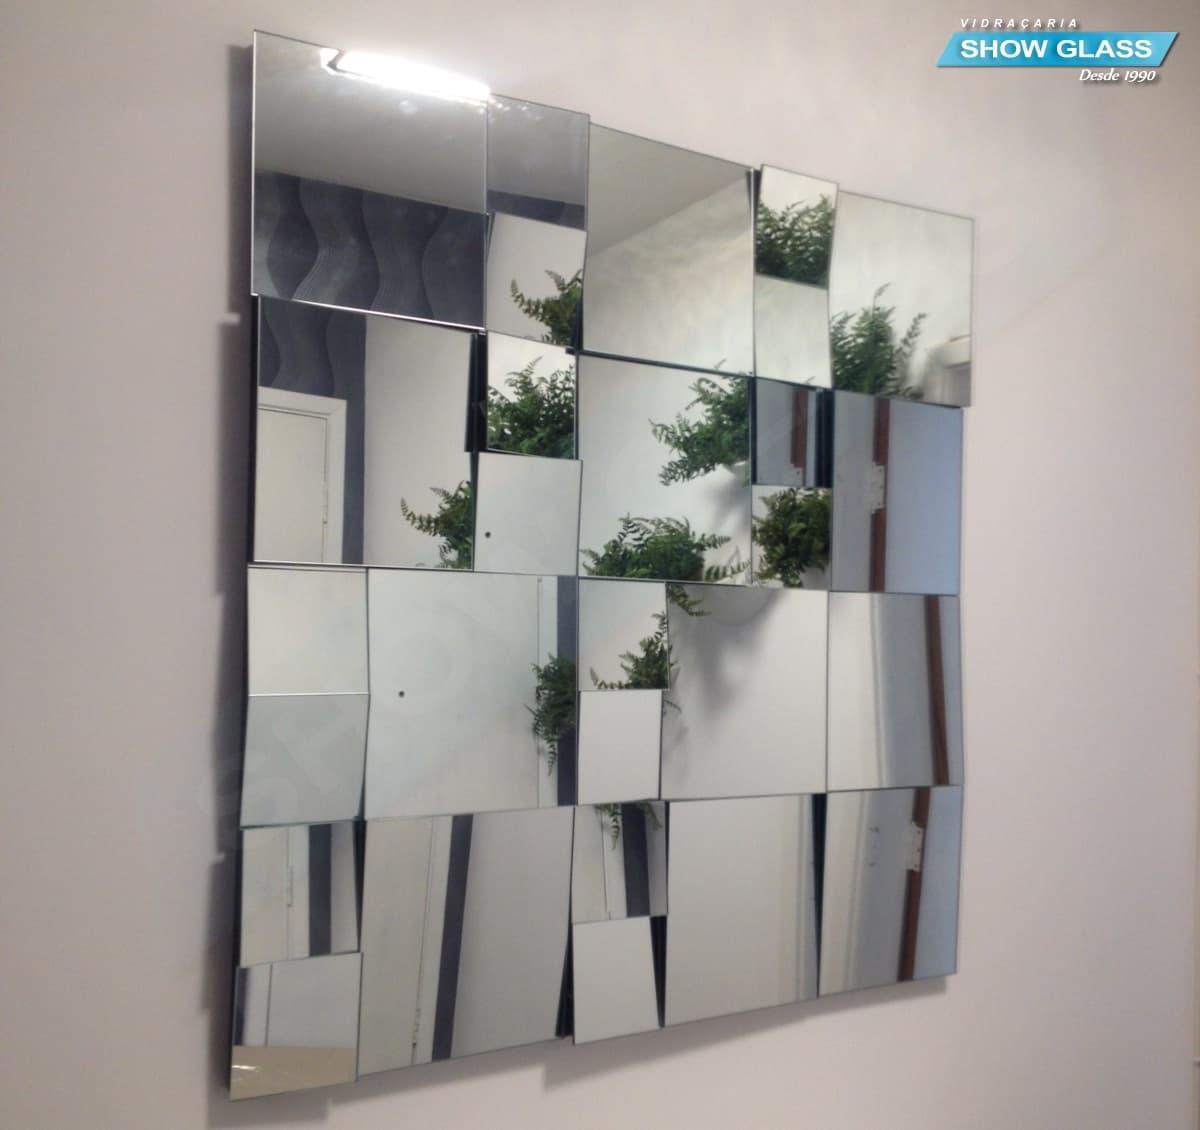 Imagens de #457886 Vidraçaria Show Glass Vidros Espelhos e Molduras » Espelho  1200x1130 px 3692 Banheiros Quadrados Modernos